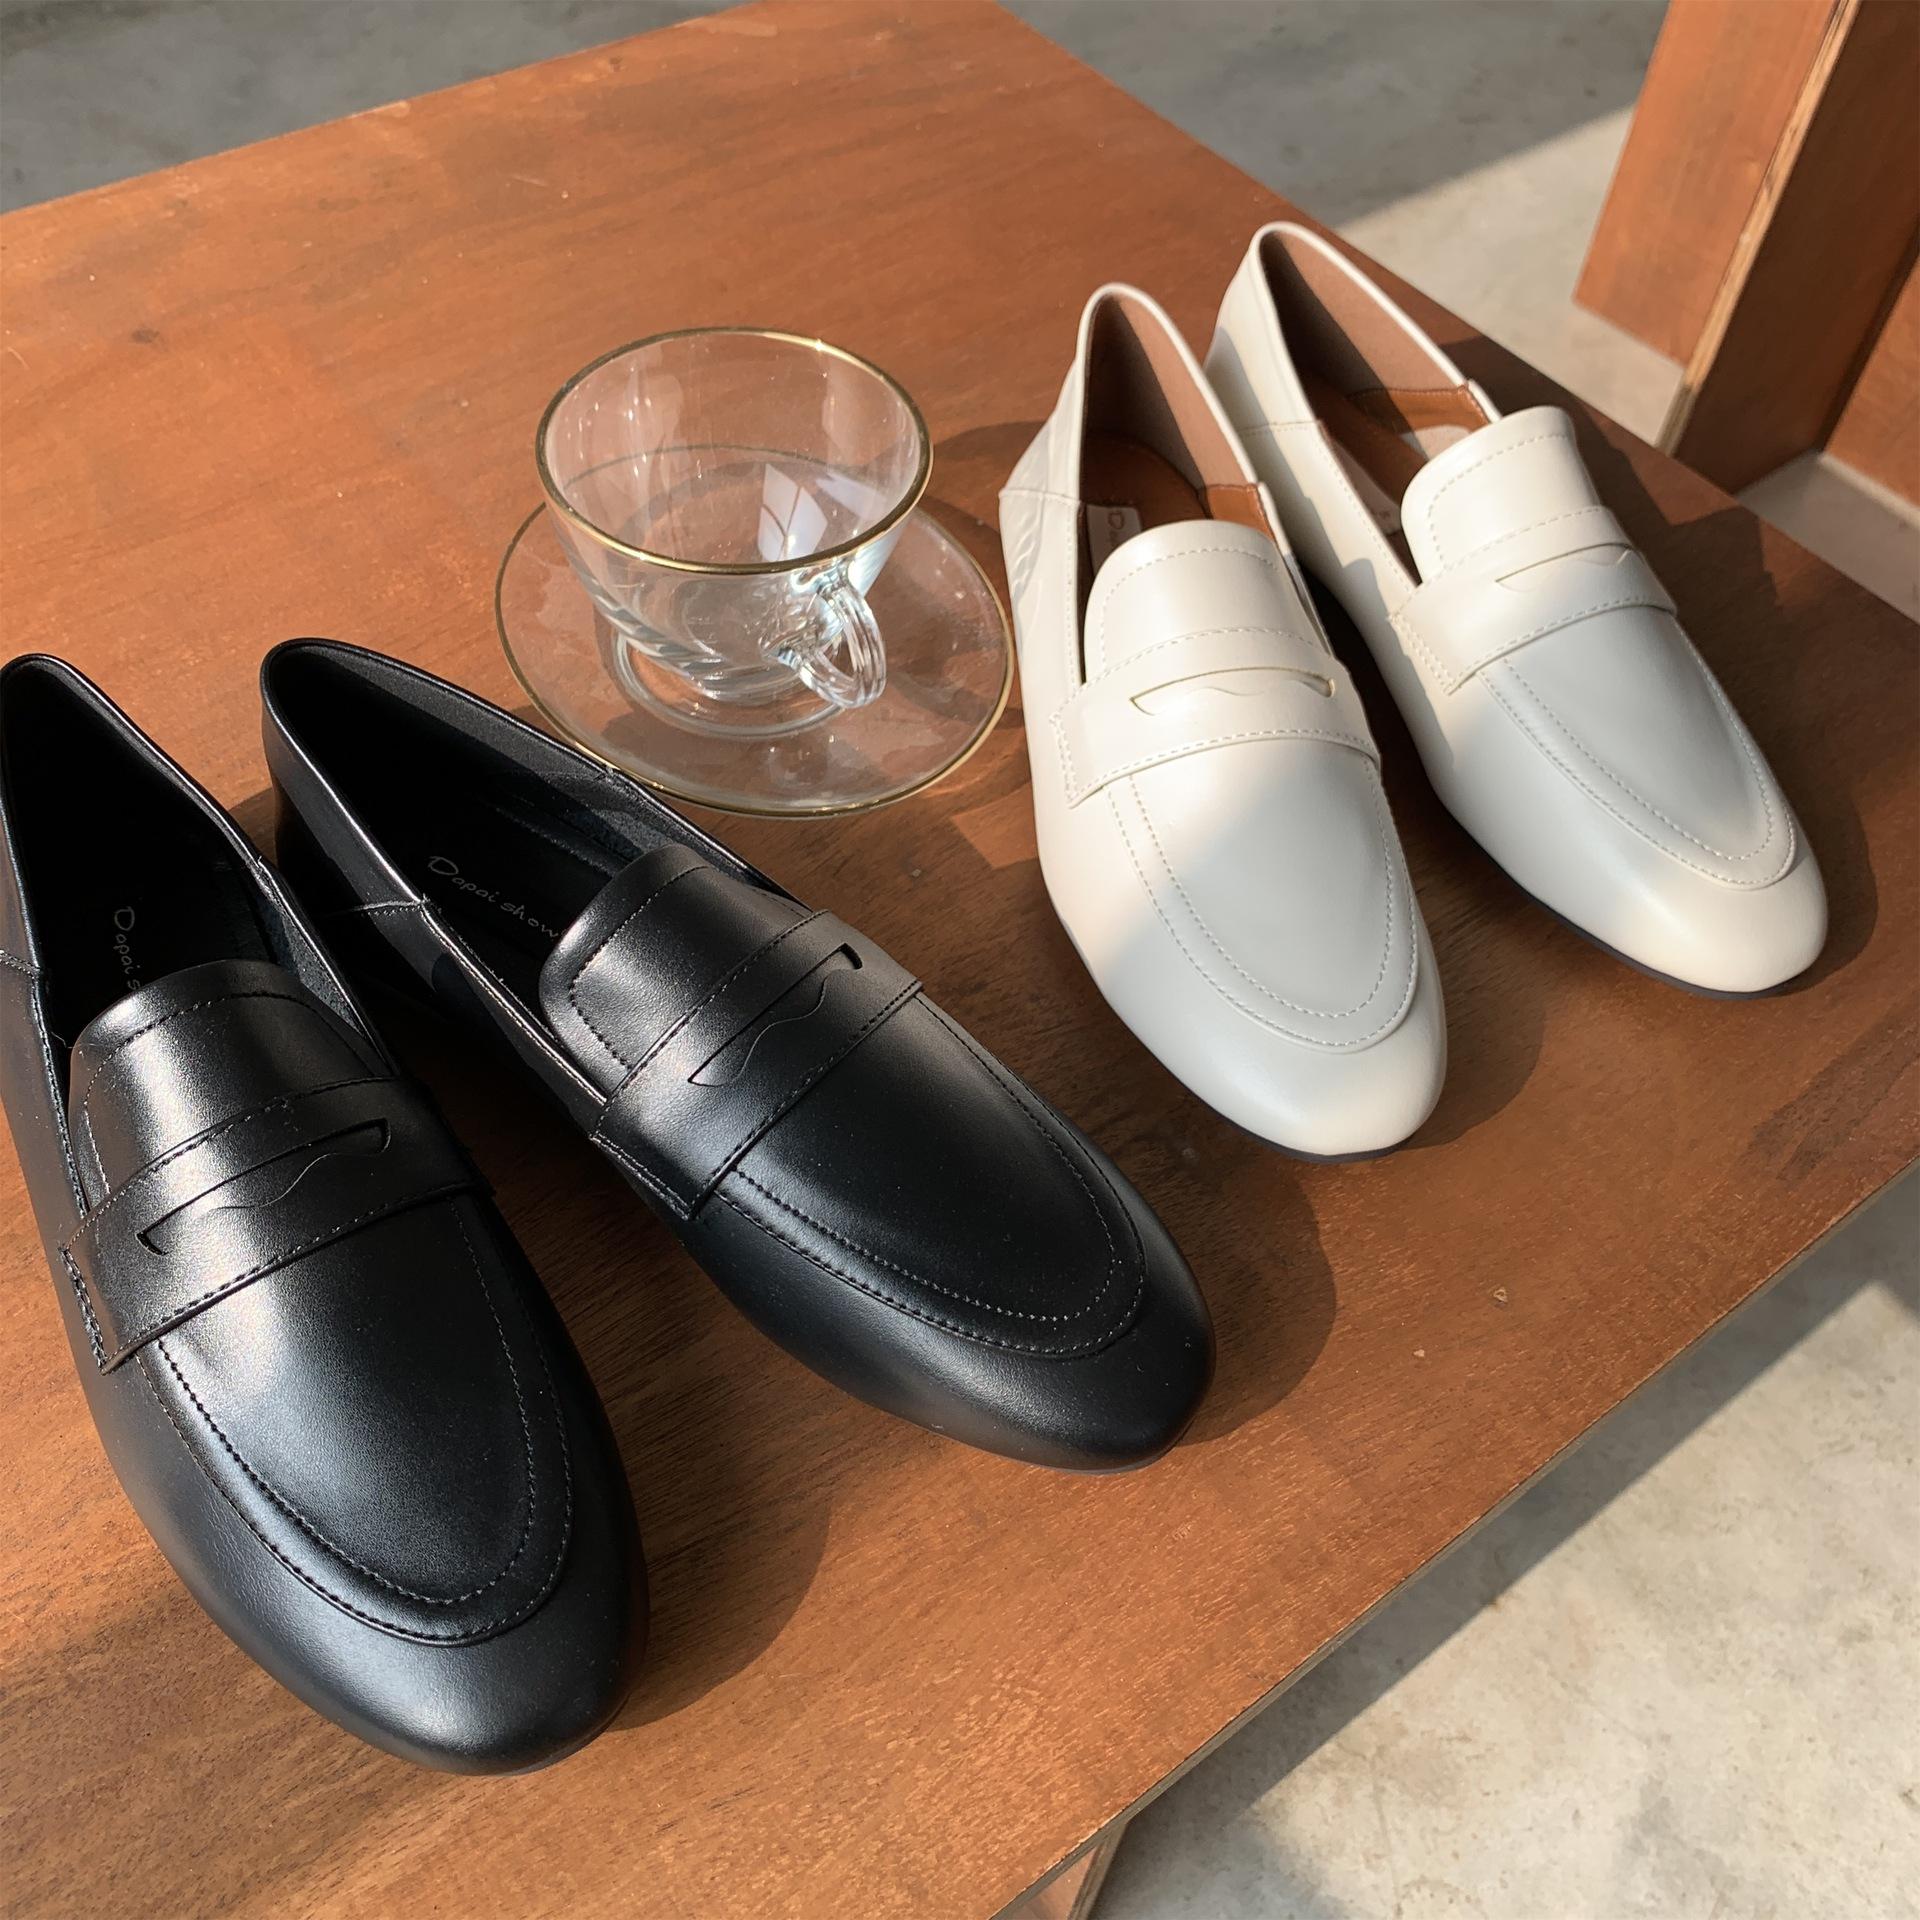 Dapaishow Giày Loafer / giày lười Giày nữ Dapaishow kiểu mới của Anh Tình yêu giày đế mềm đế mềm Già